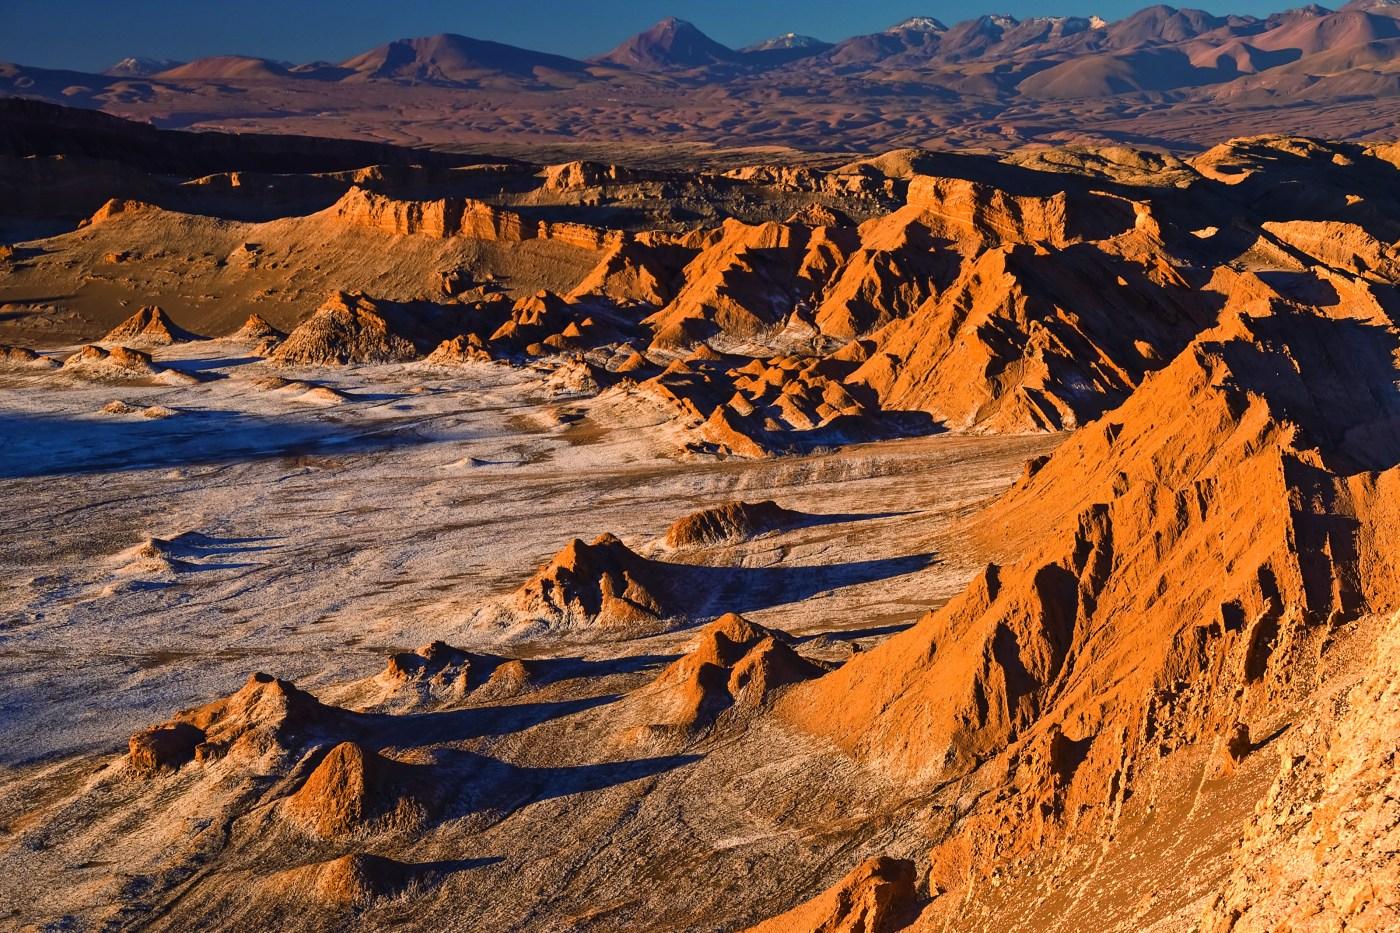 O encontro com o infinito no Deserto do Atacama | CLAUDIA